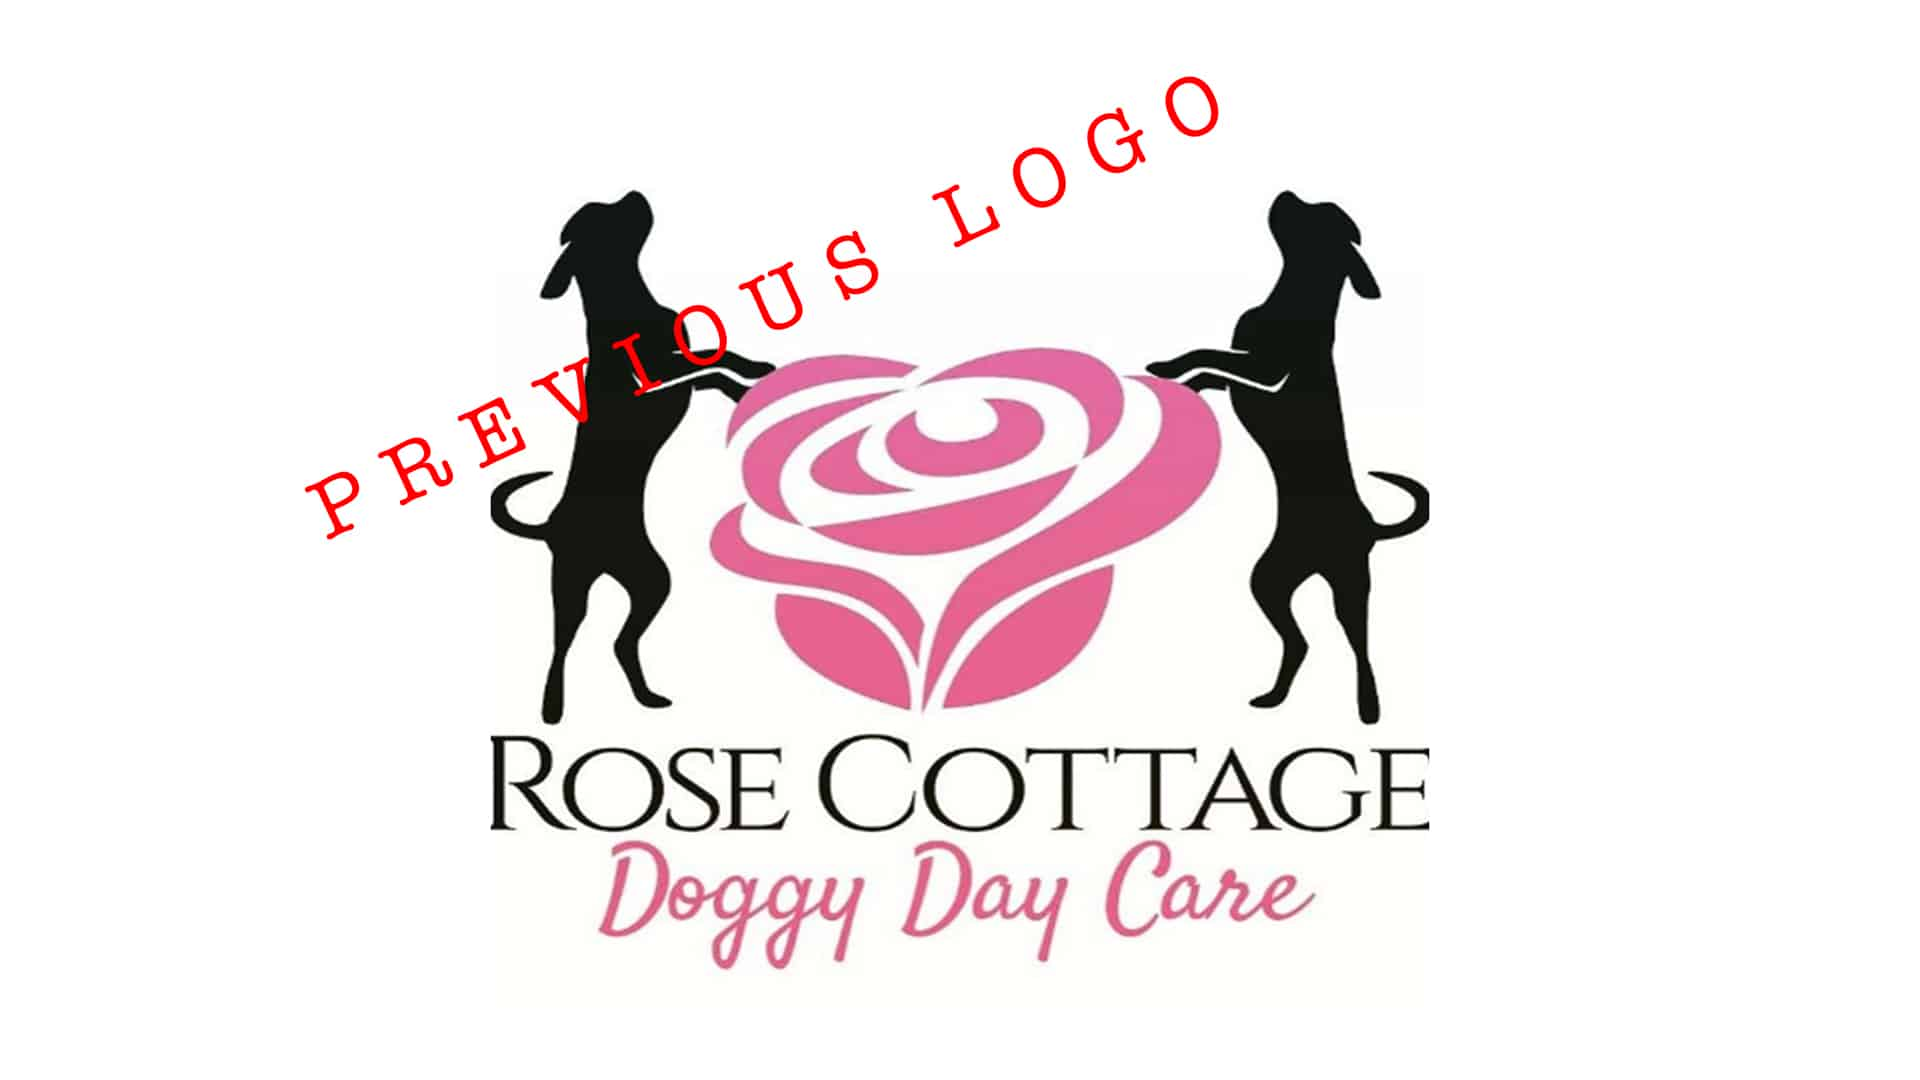 Rose Cottage Image 2